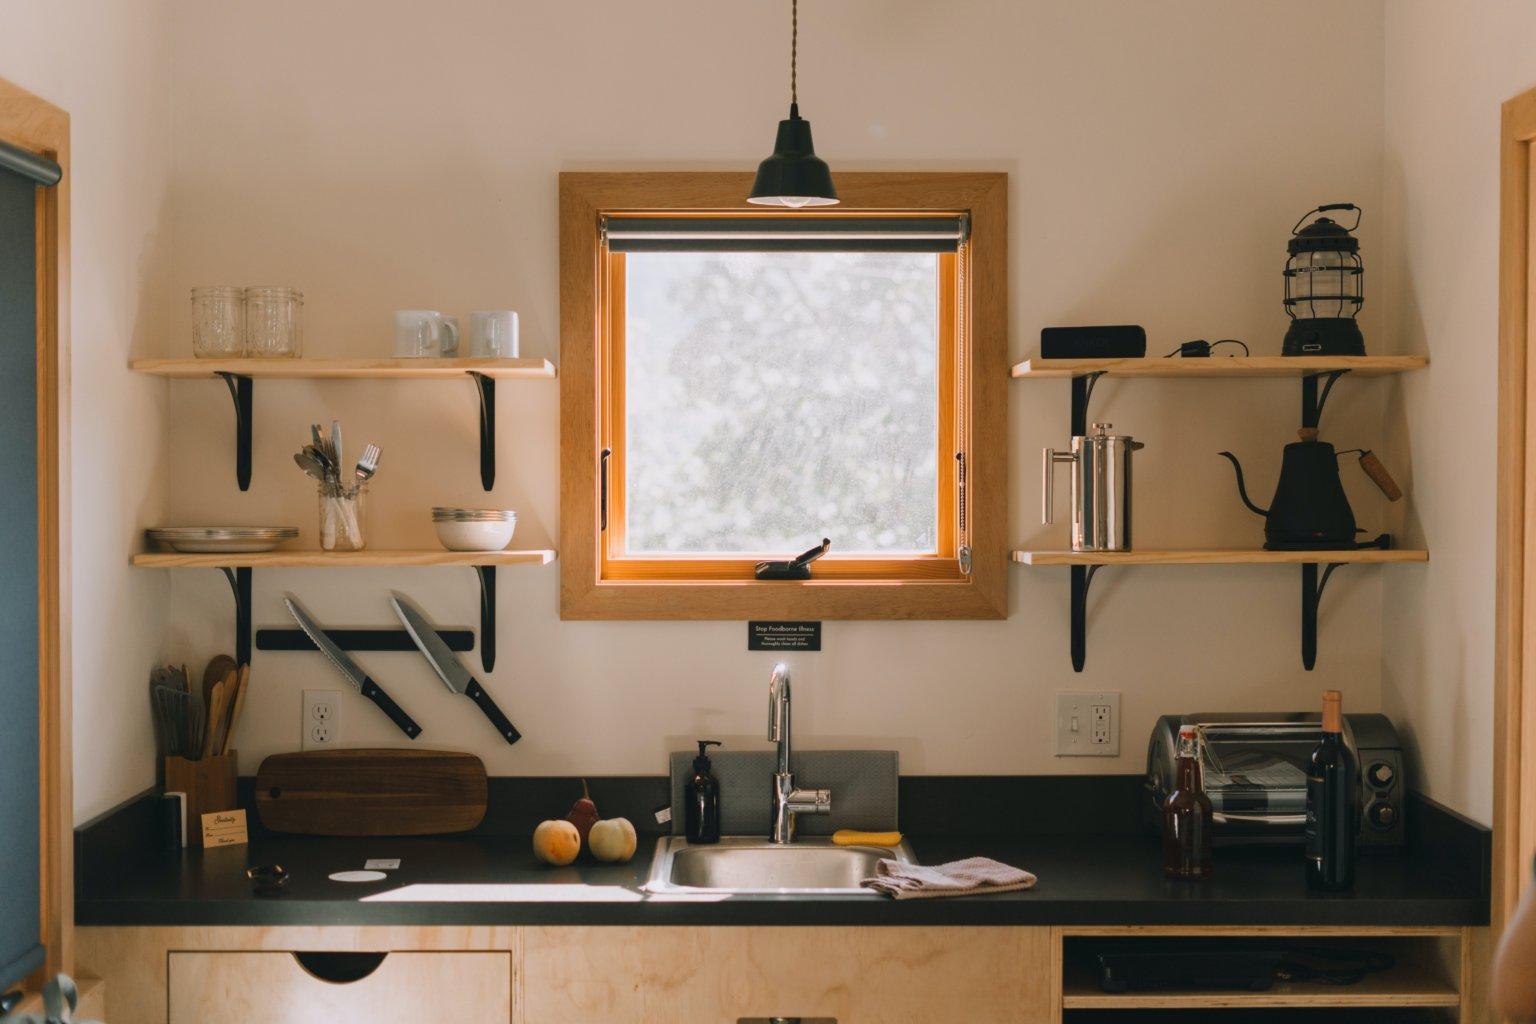 Căn bếp cá tính và cuốn hút nhờ decor tường ấn tượng - Ảnh 9.